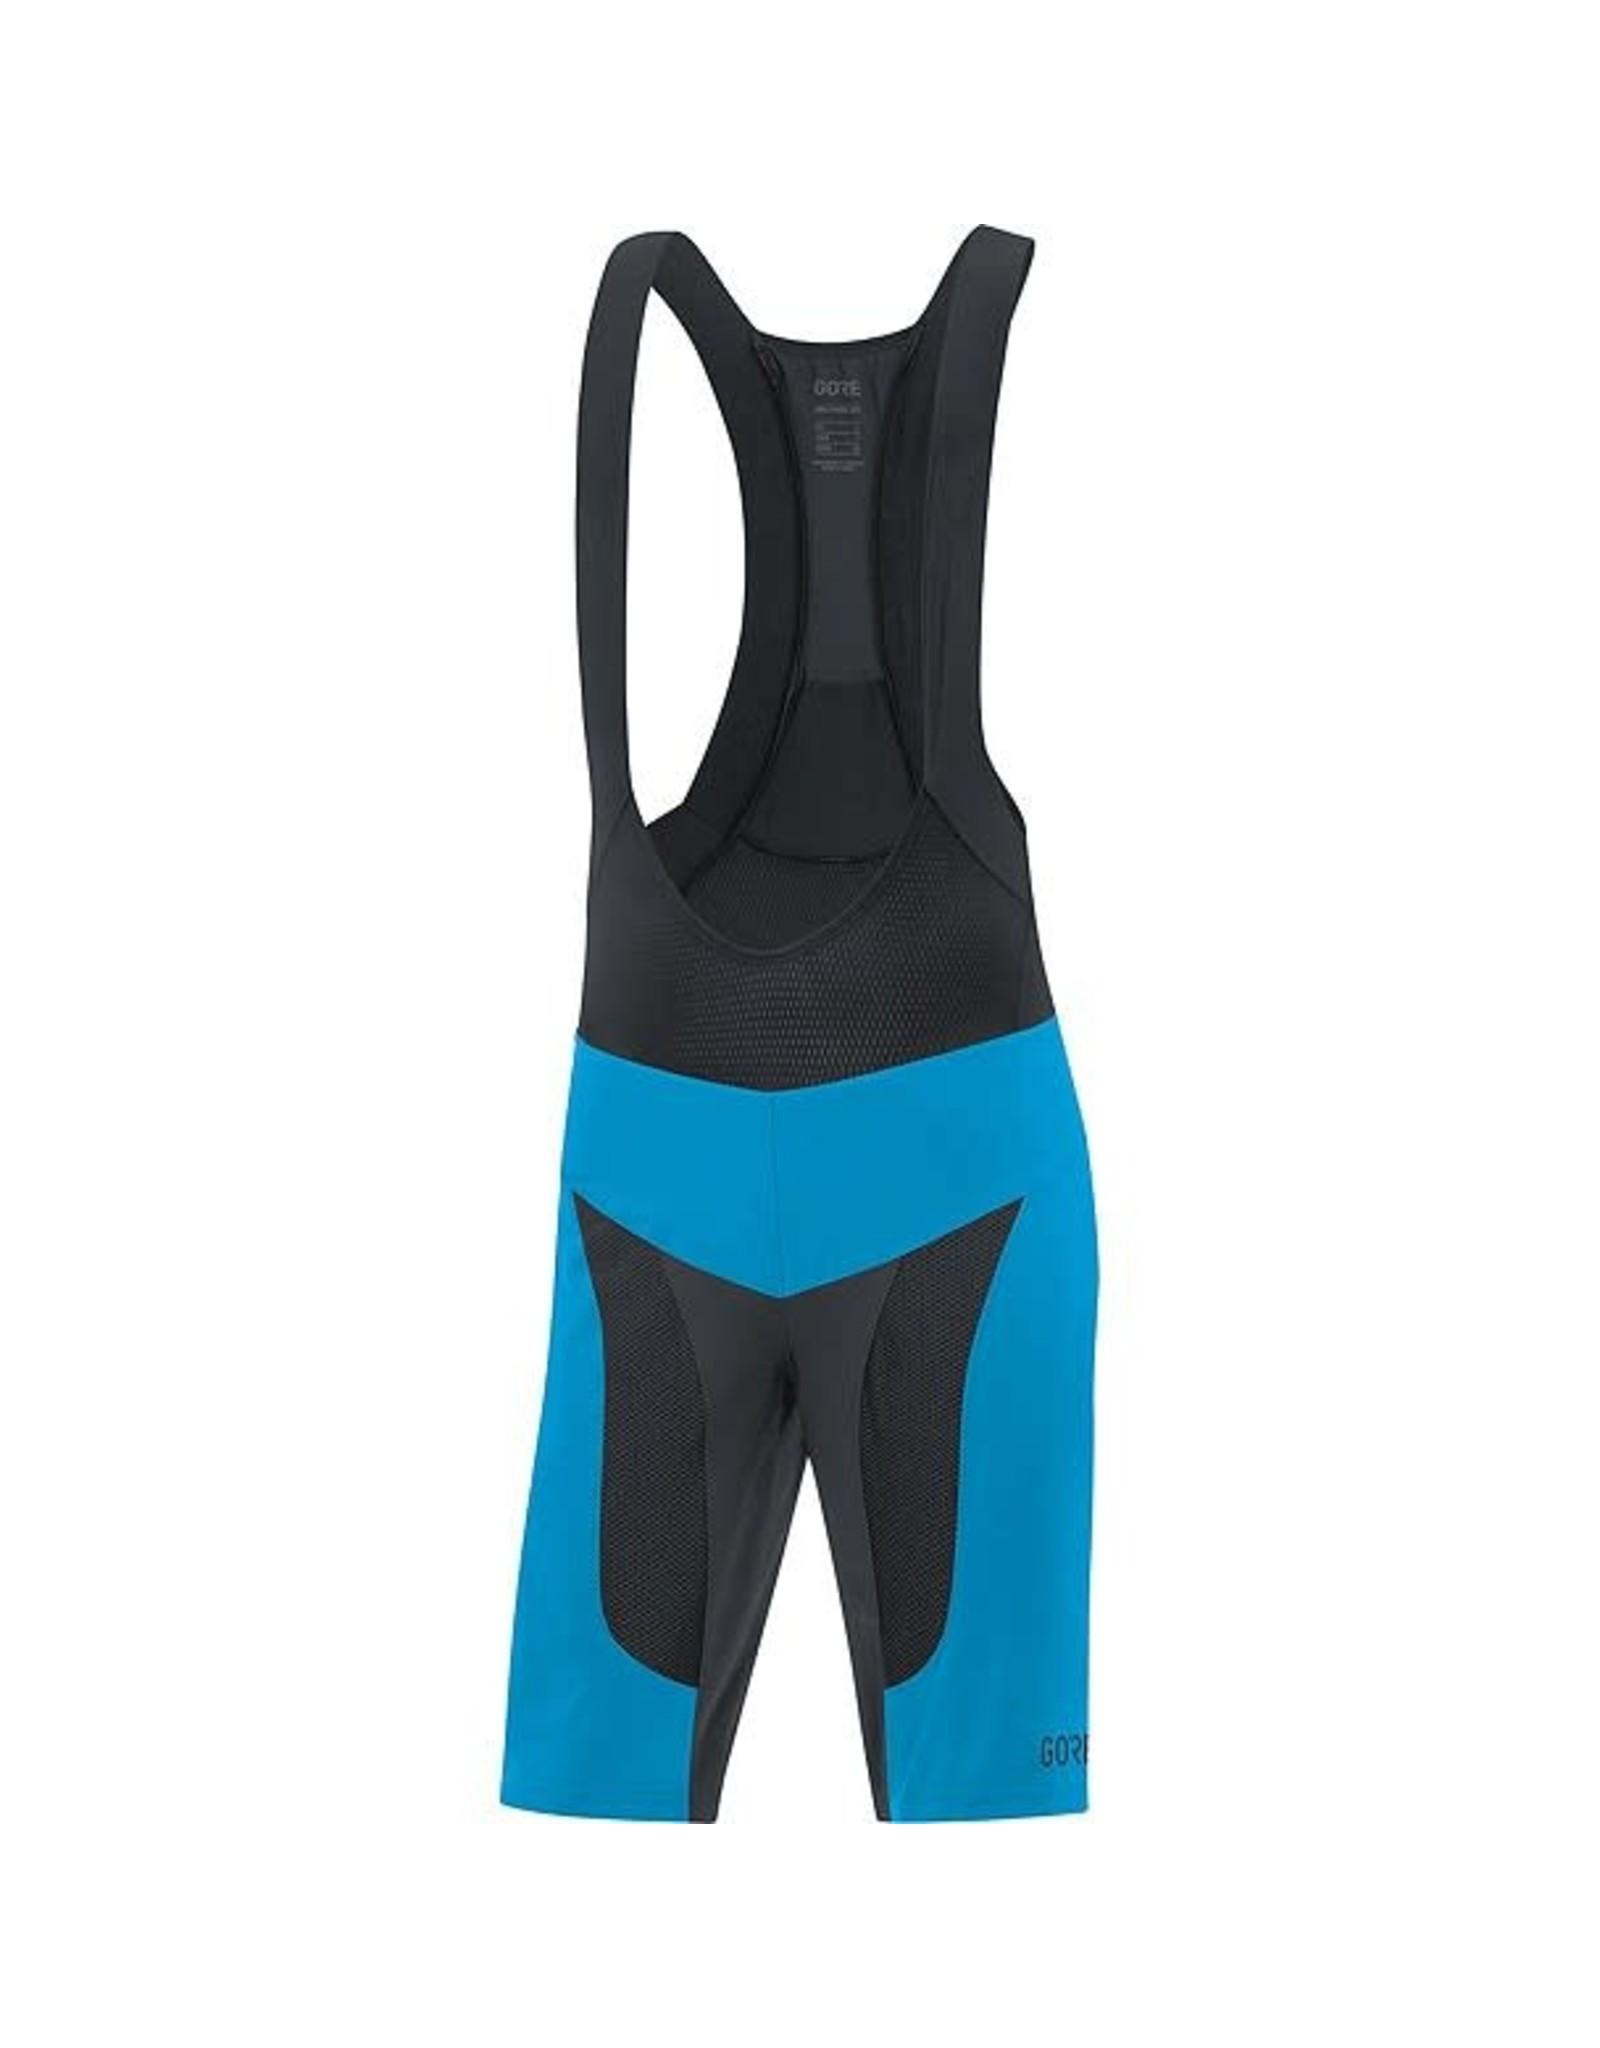 GORE Wear GORE C7 Pro 2in1 Bib Shorts+ dynamic cyan/black M